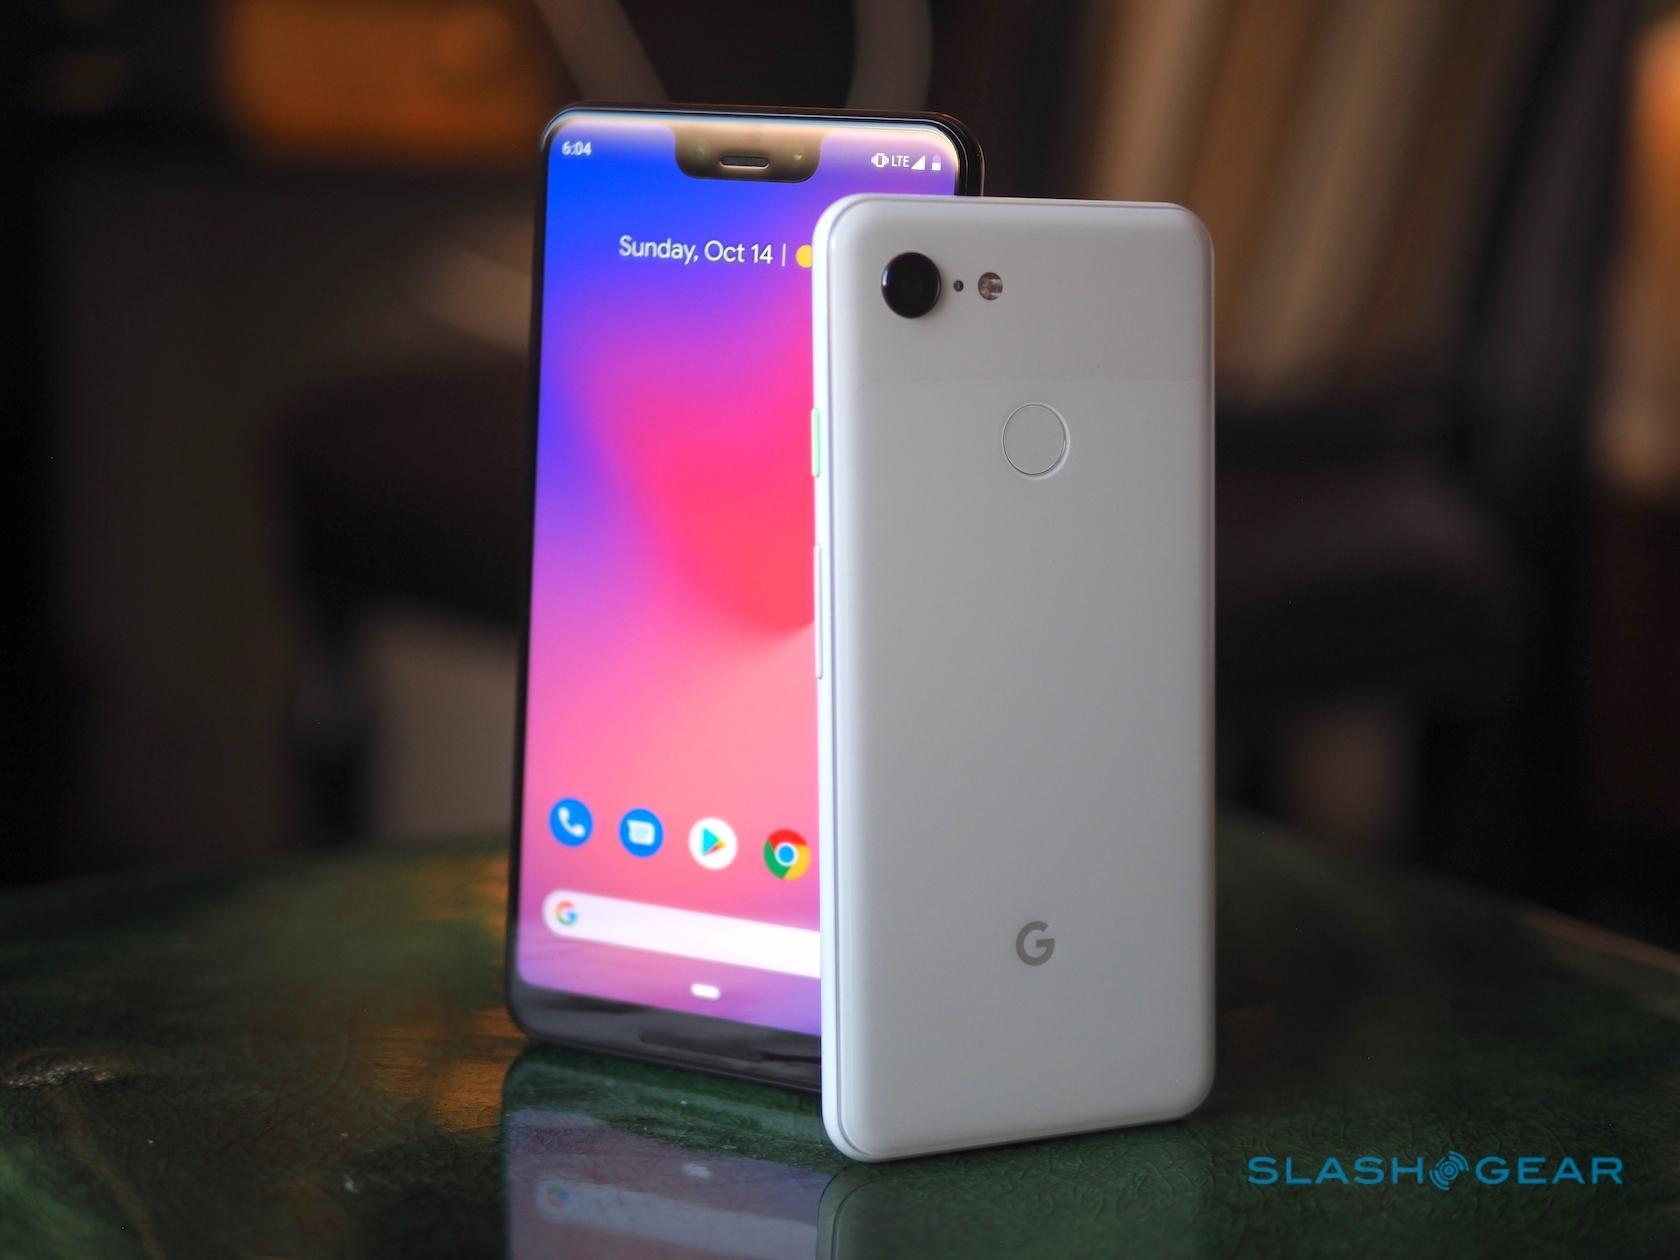 Opinião: como o Google pode tornar seus telefones Pixel mais dominantes